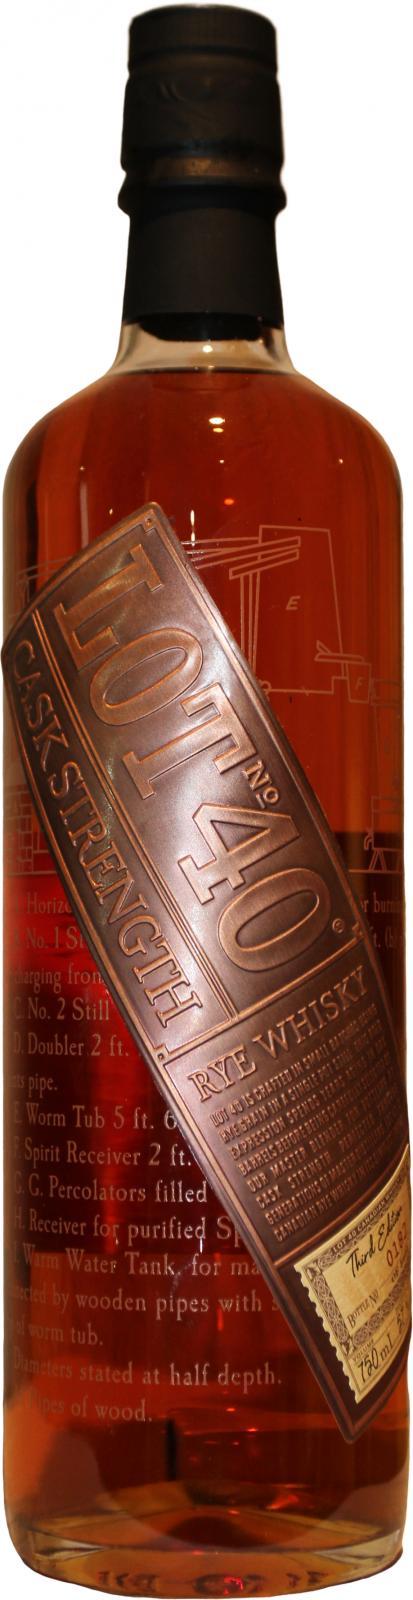 Lot No. 40 Cask Strength